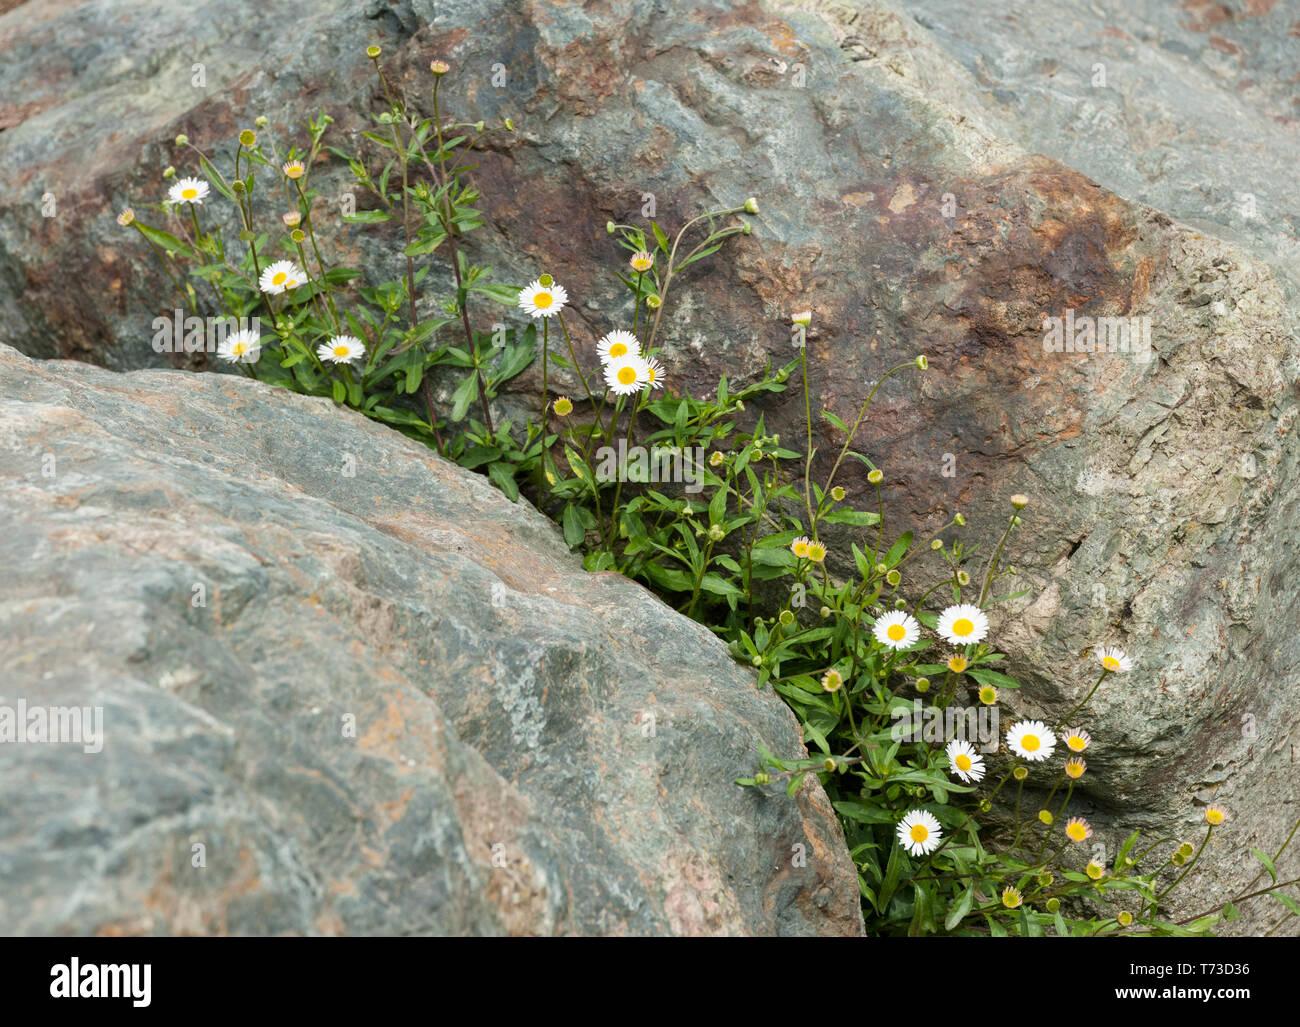 Weißen Gänseblümchen wachsen in die felsenhöhle zwei Felsen Stockbild